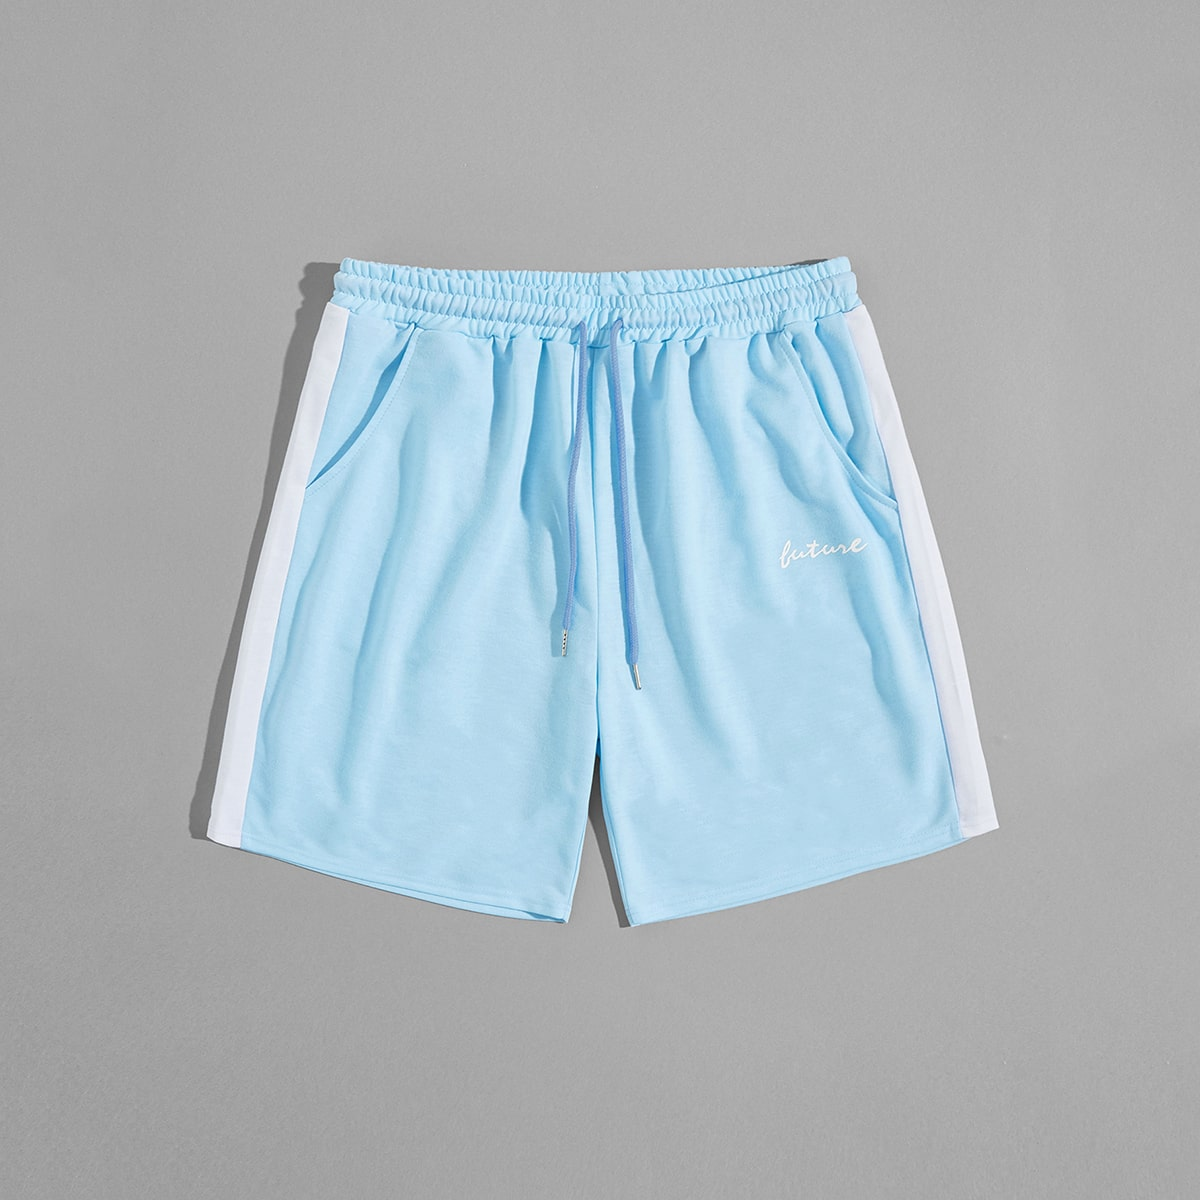 Мужские контрастные шорты с текстовым принтом фото